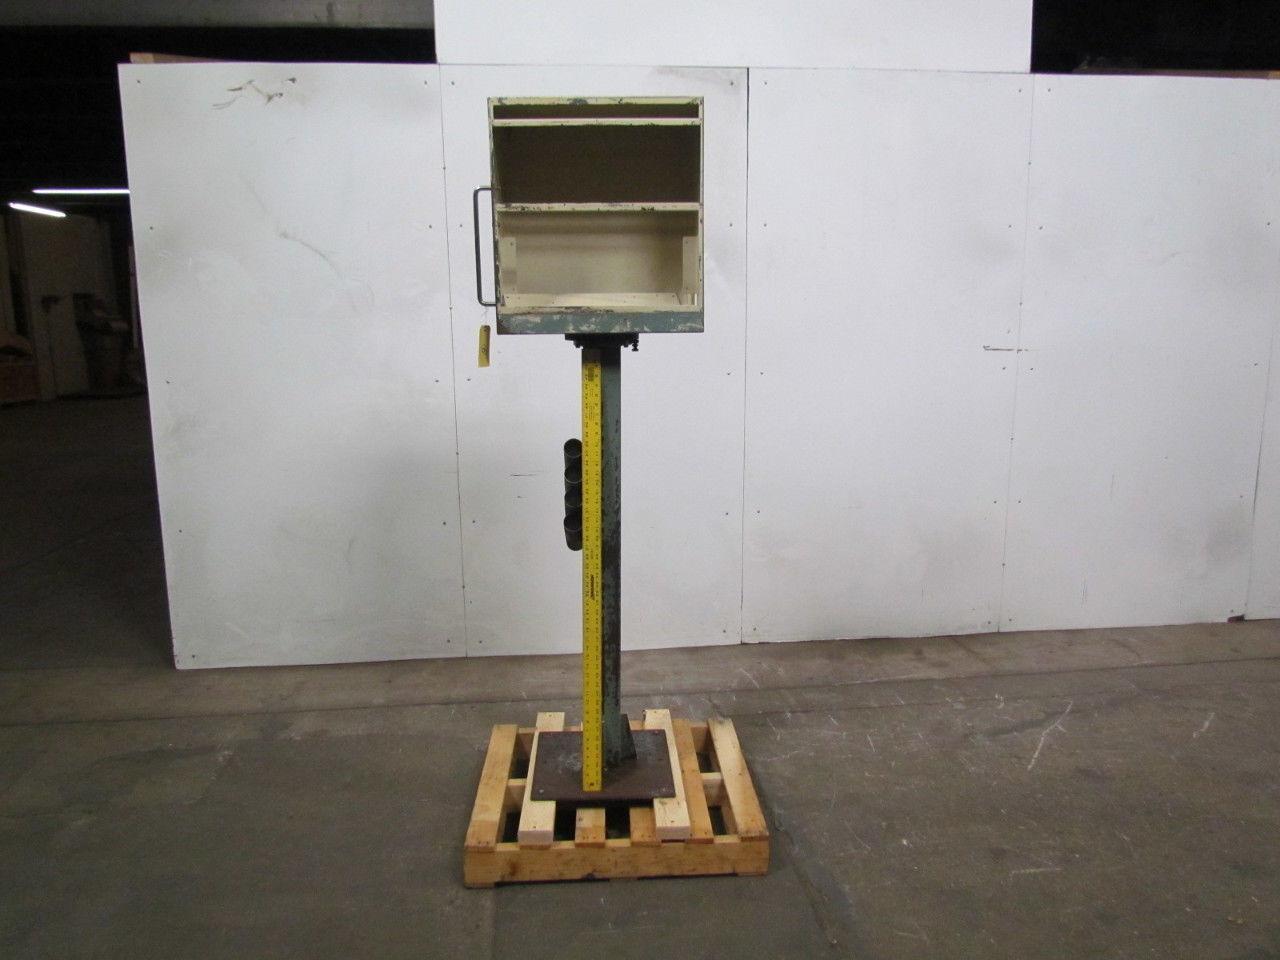 """Pedestal Mounted Electrical Control Box W/ Swivel 21""""Wx22-1/2""""Tx10-1/2"""" D Box"""